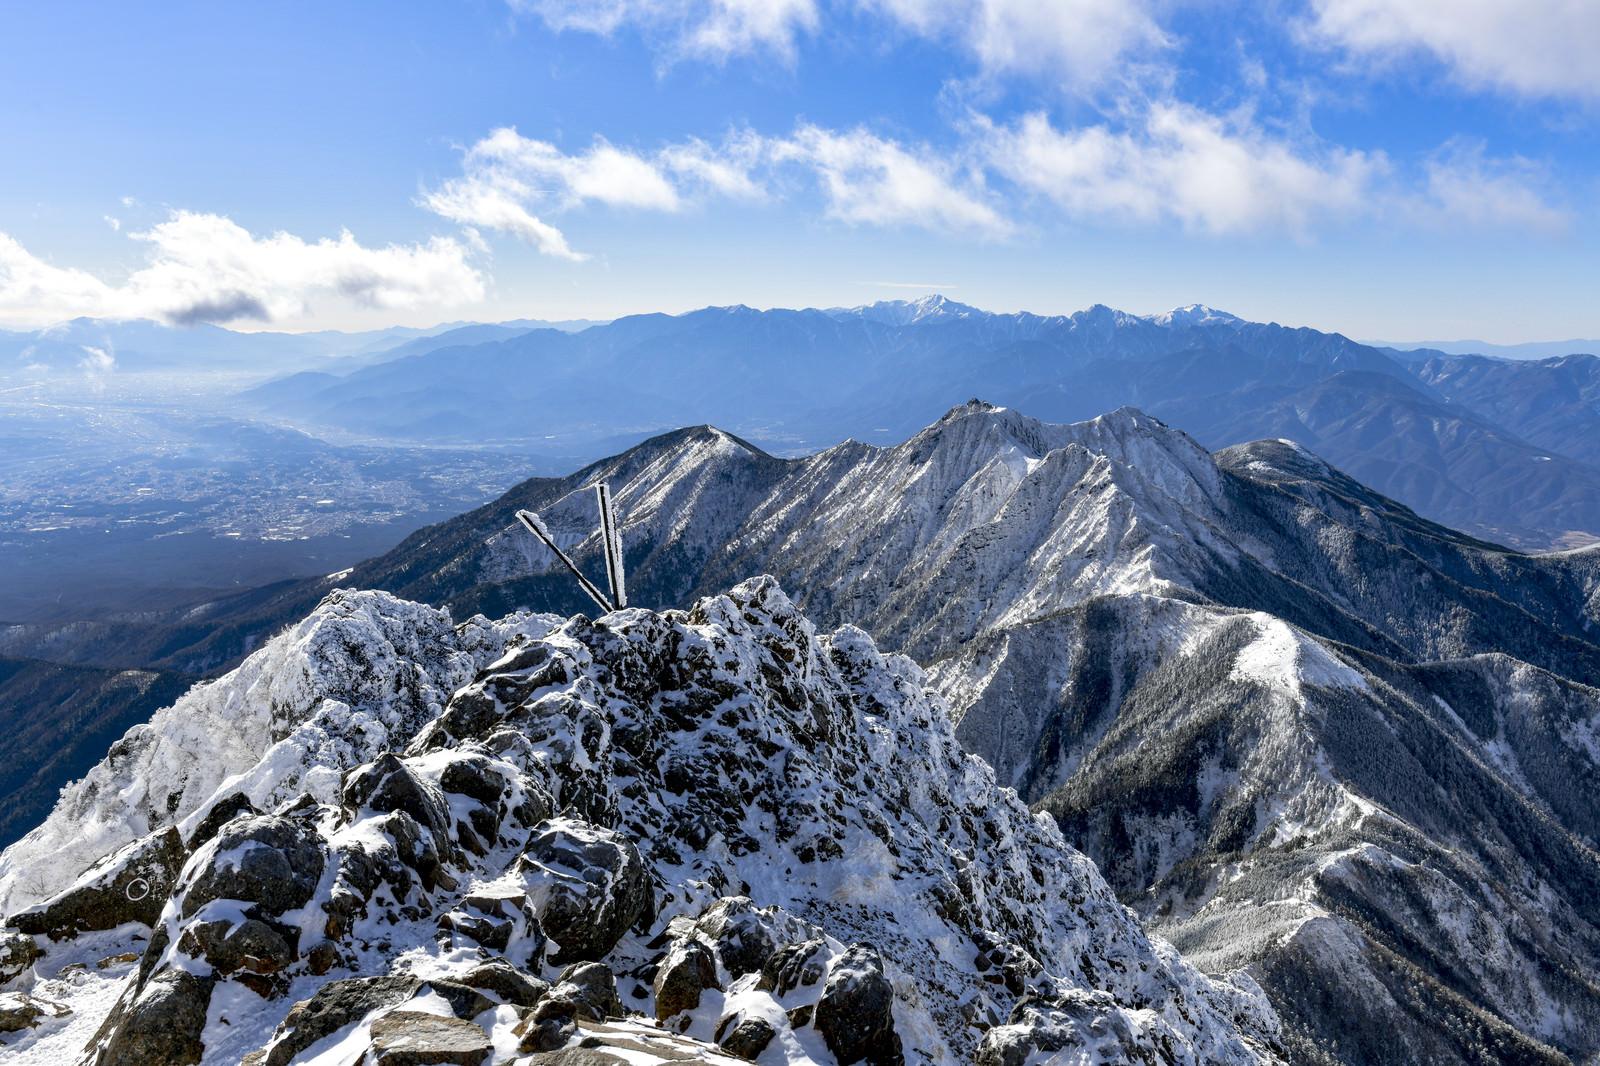 「赤岳から見る雪の南アルプスと権現岳(ごんげんだけ)」の写真